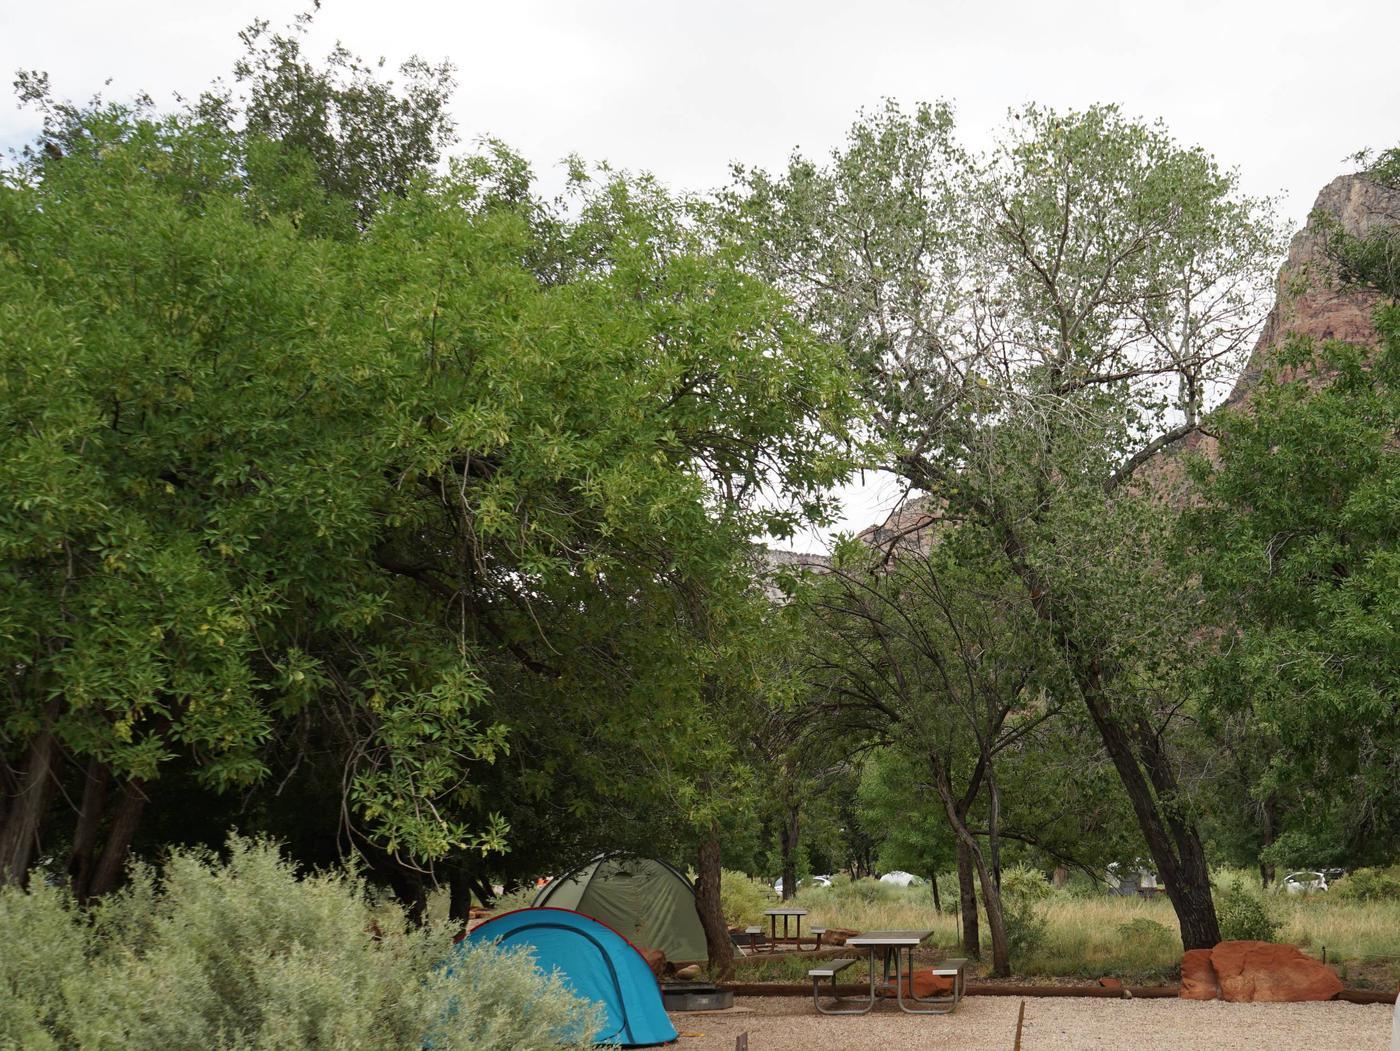 Campsite areaC11